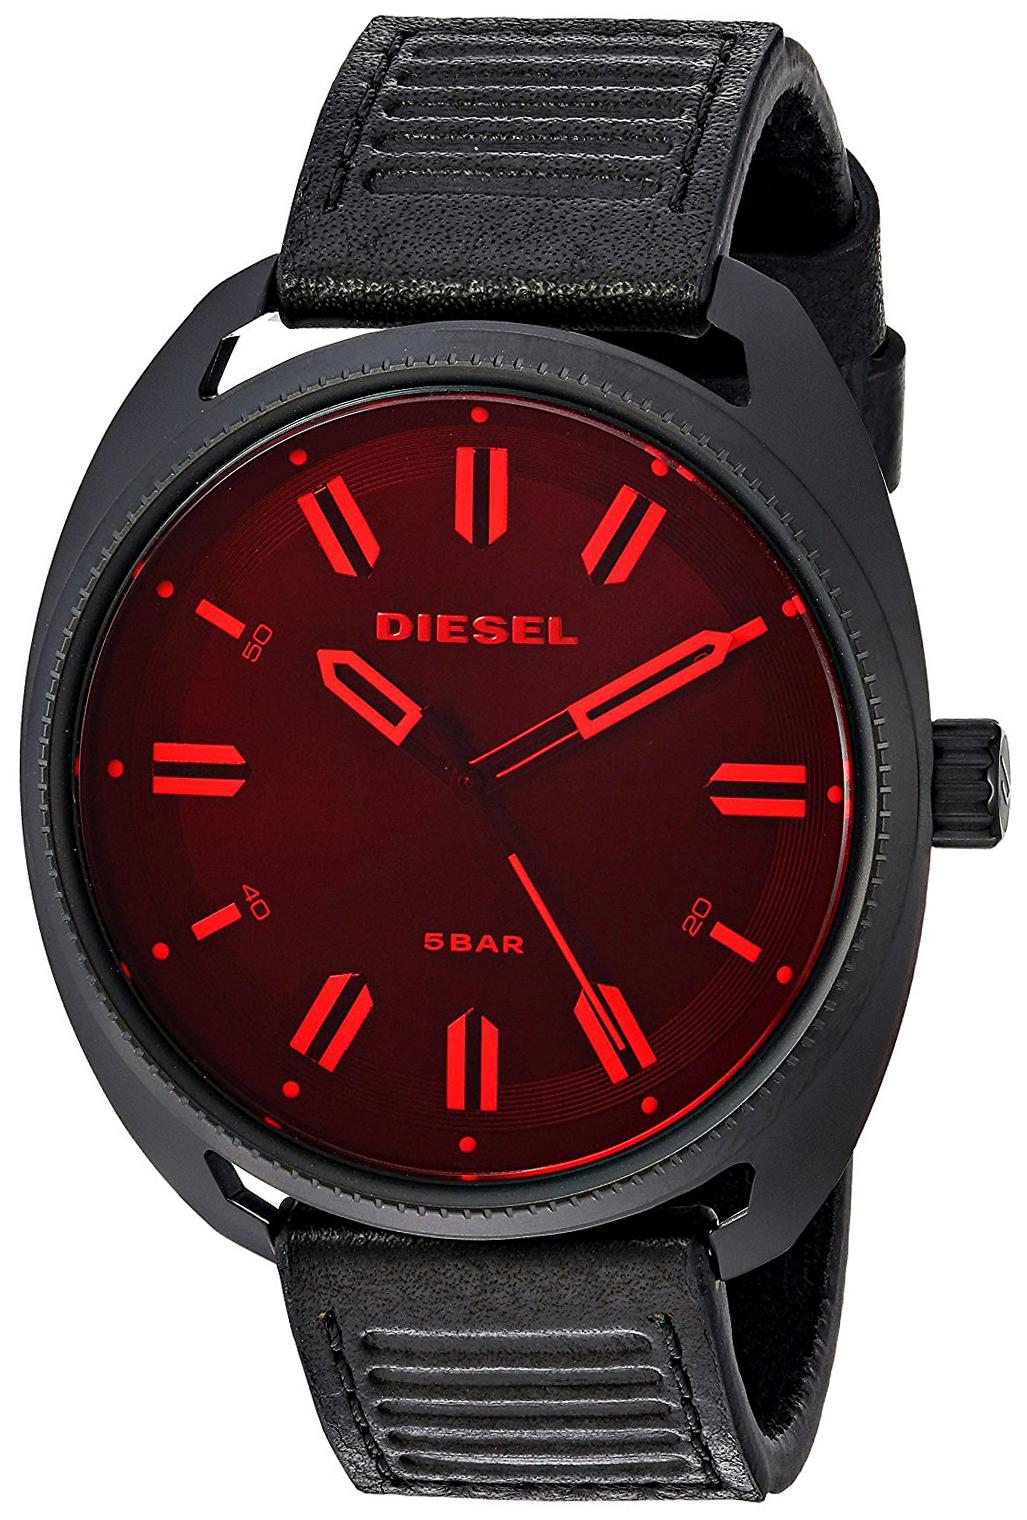 Diesel 99999 Herreklokke DZ1837 Sort/Lær Ø45 mm - Diesel